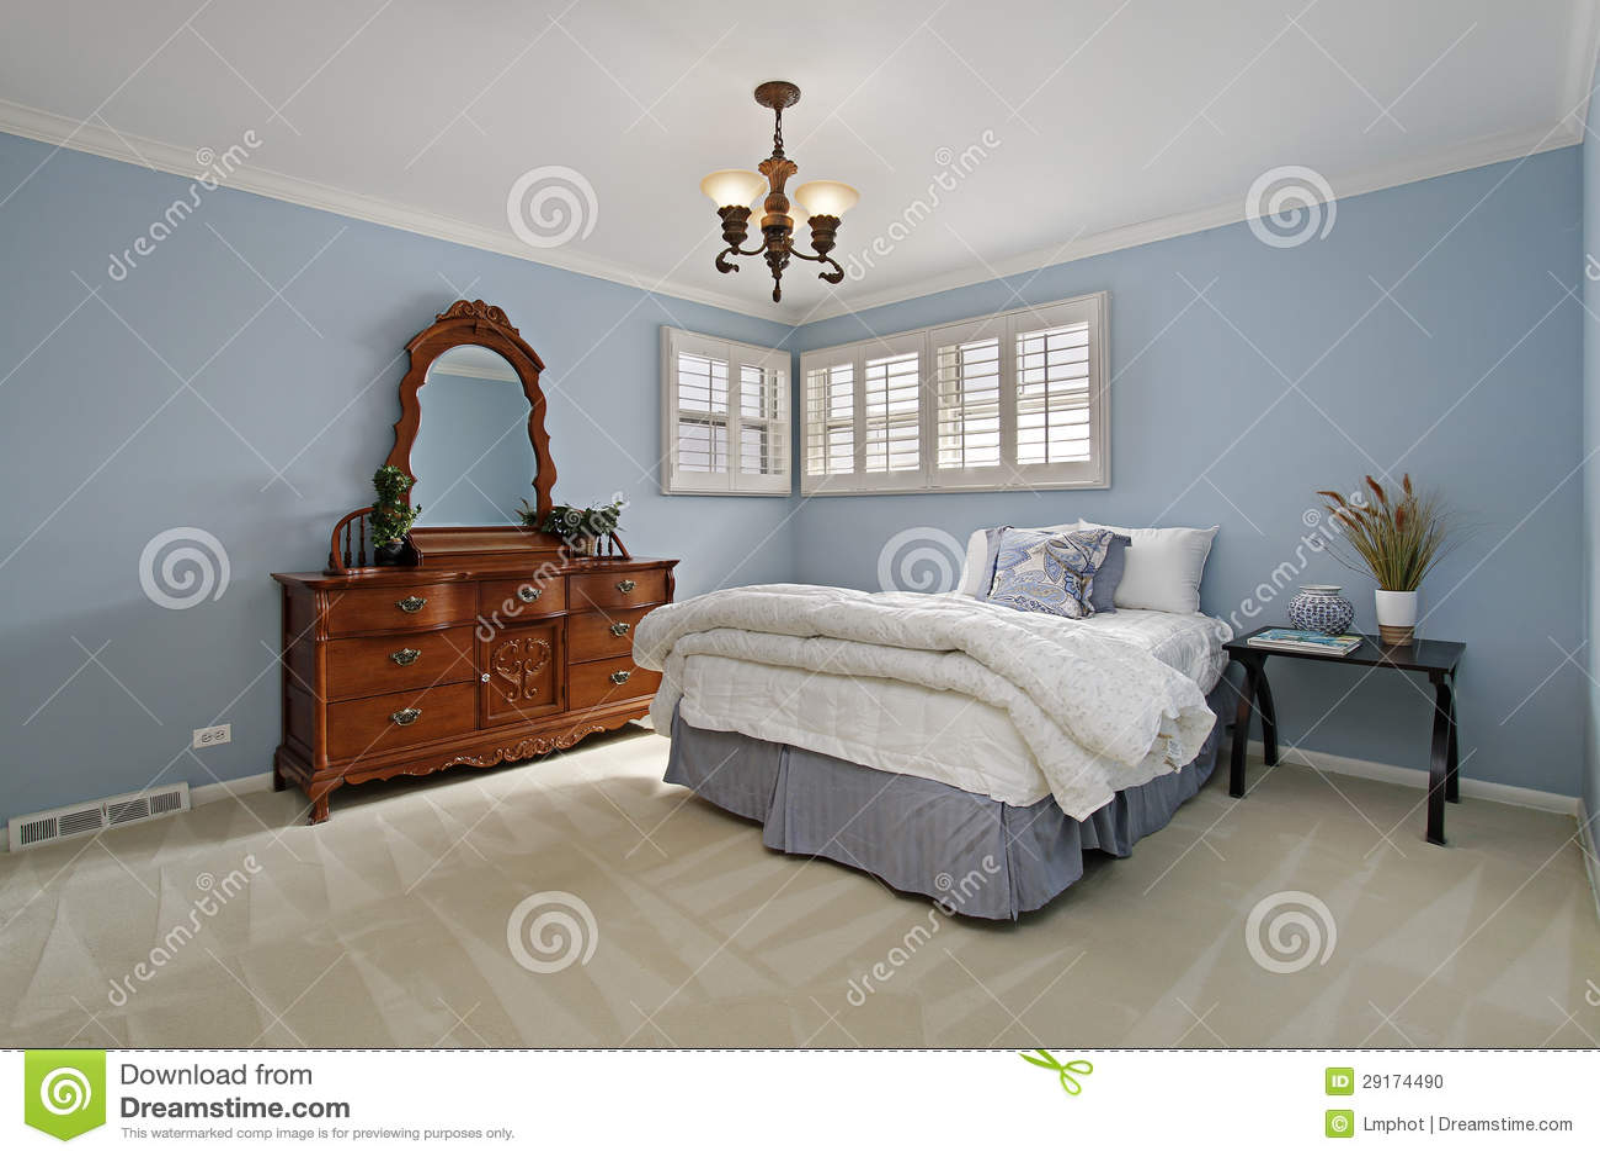 Camera da letto matrice con le pareti blu fotografia stock - Decorazione pareti camera da letto ...